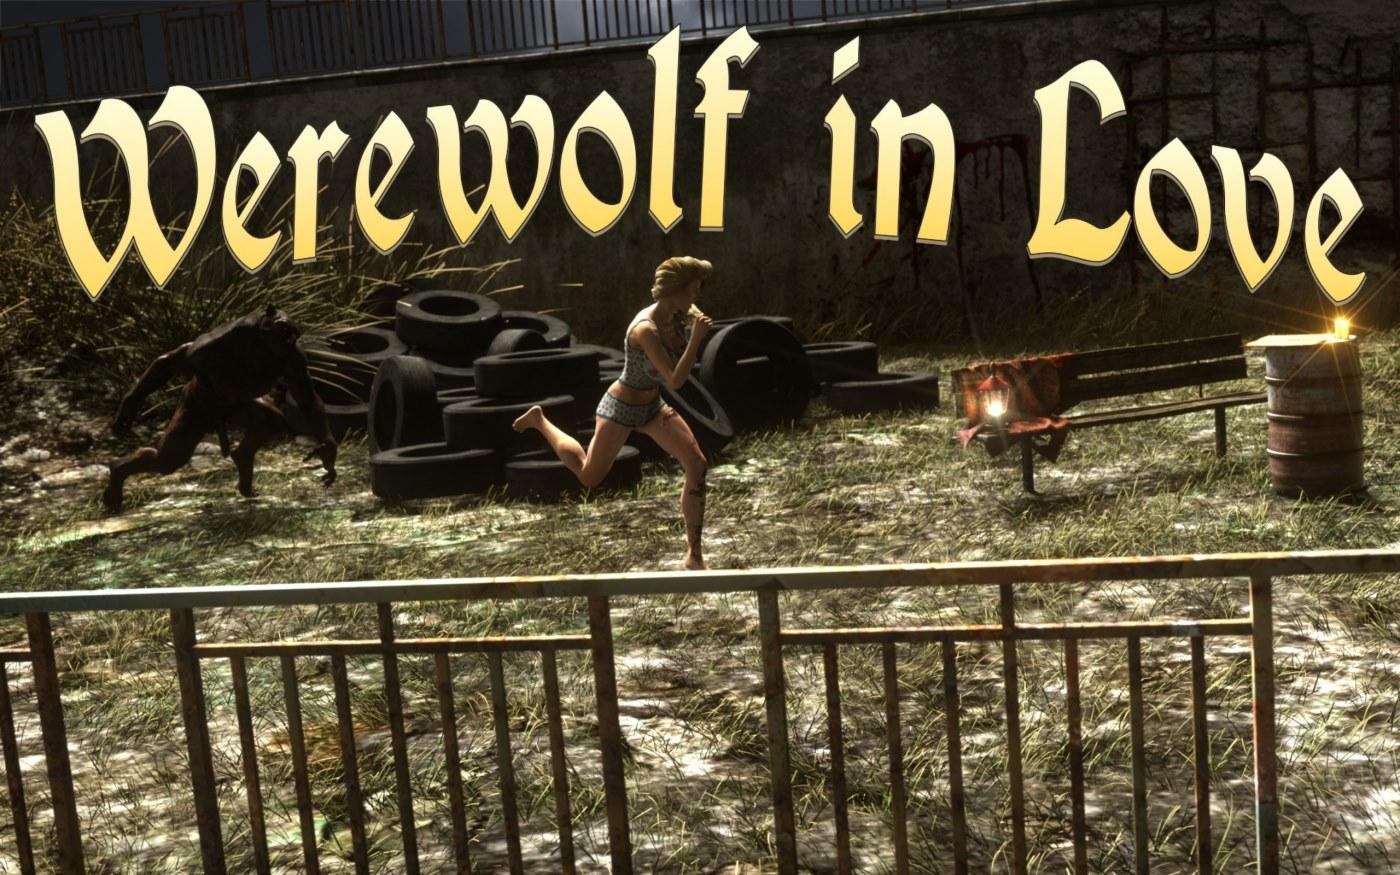 Werewolf in Love image 1